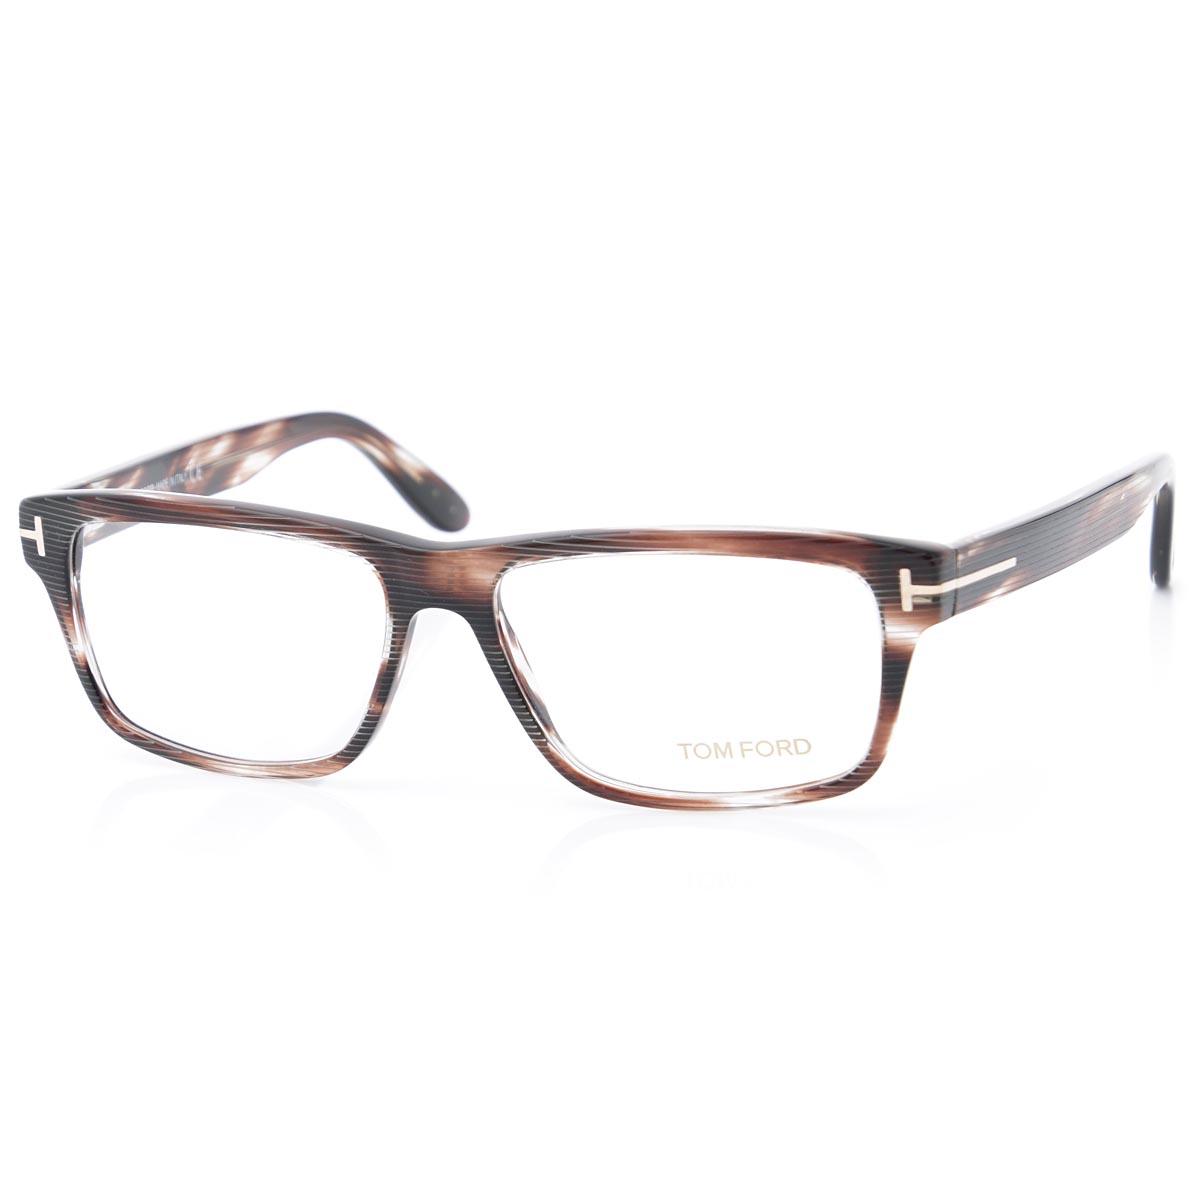 トムフォード TOM FORD 眼鏡 メガネ ブラウン メンズ フレーム ft5320 020 56 ウェリントン【あす楽対応_関東】【ラッピング無料】【返品送料無料】【180601】